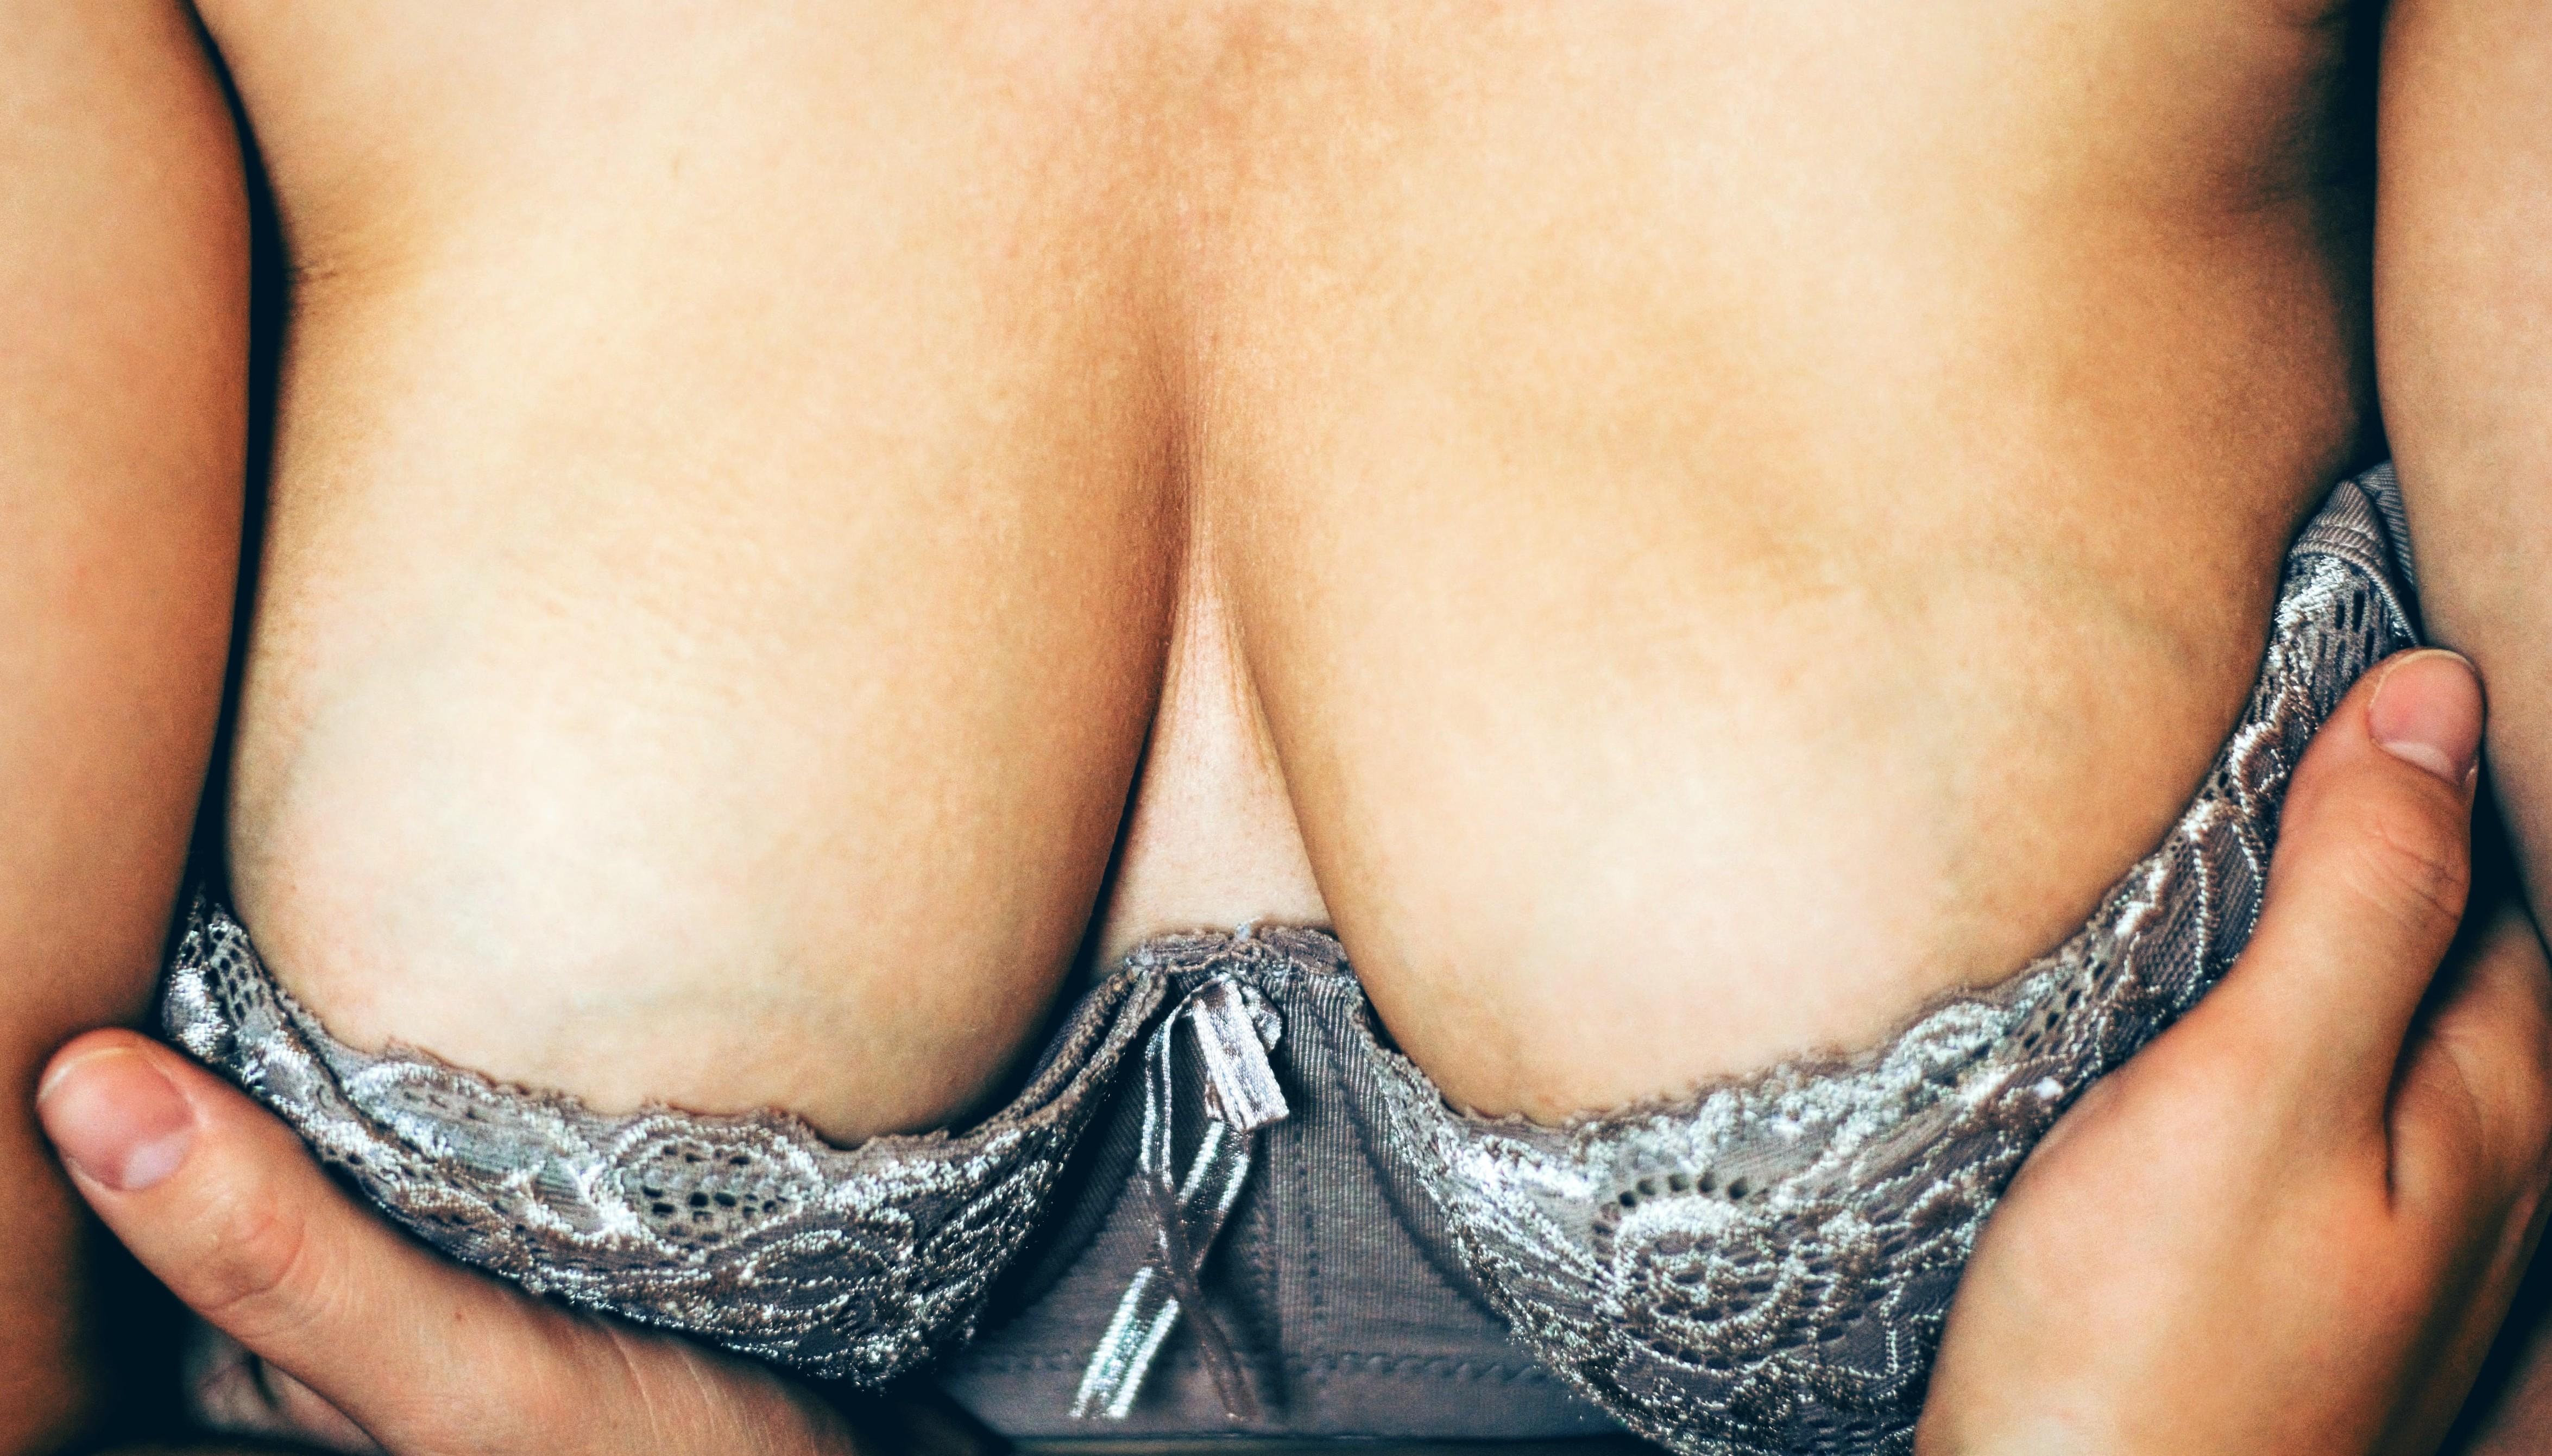 Czykarmienie piersią boli?